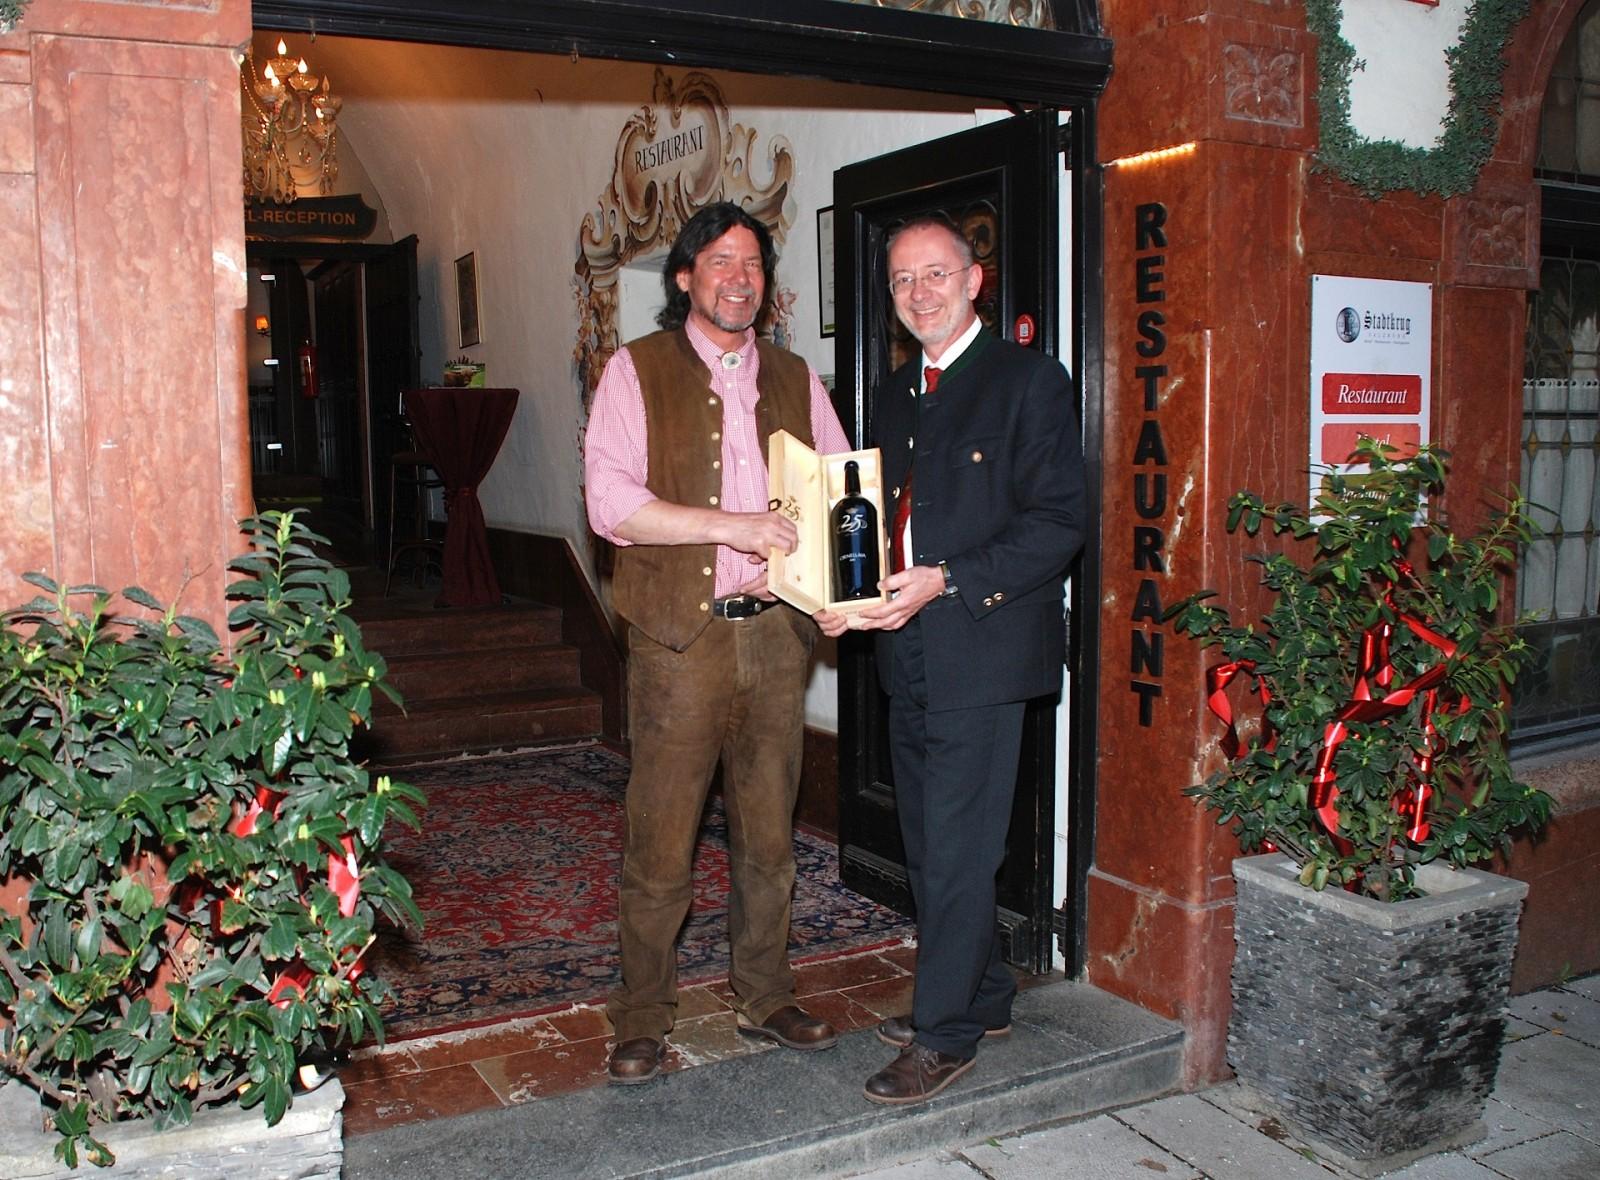 ©Altstadthotel Stadtkrug – Hugo Lucian (Inhaber Altstadthotel Stadtkrug, rechts) mit Hoteldirektor Günther Spießberger.